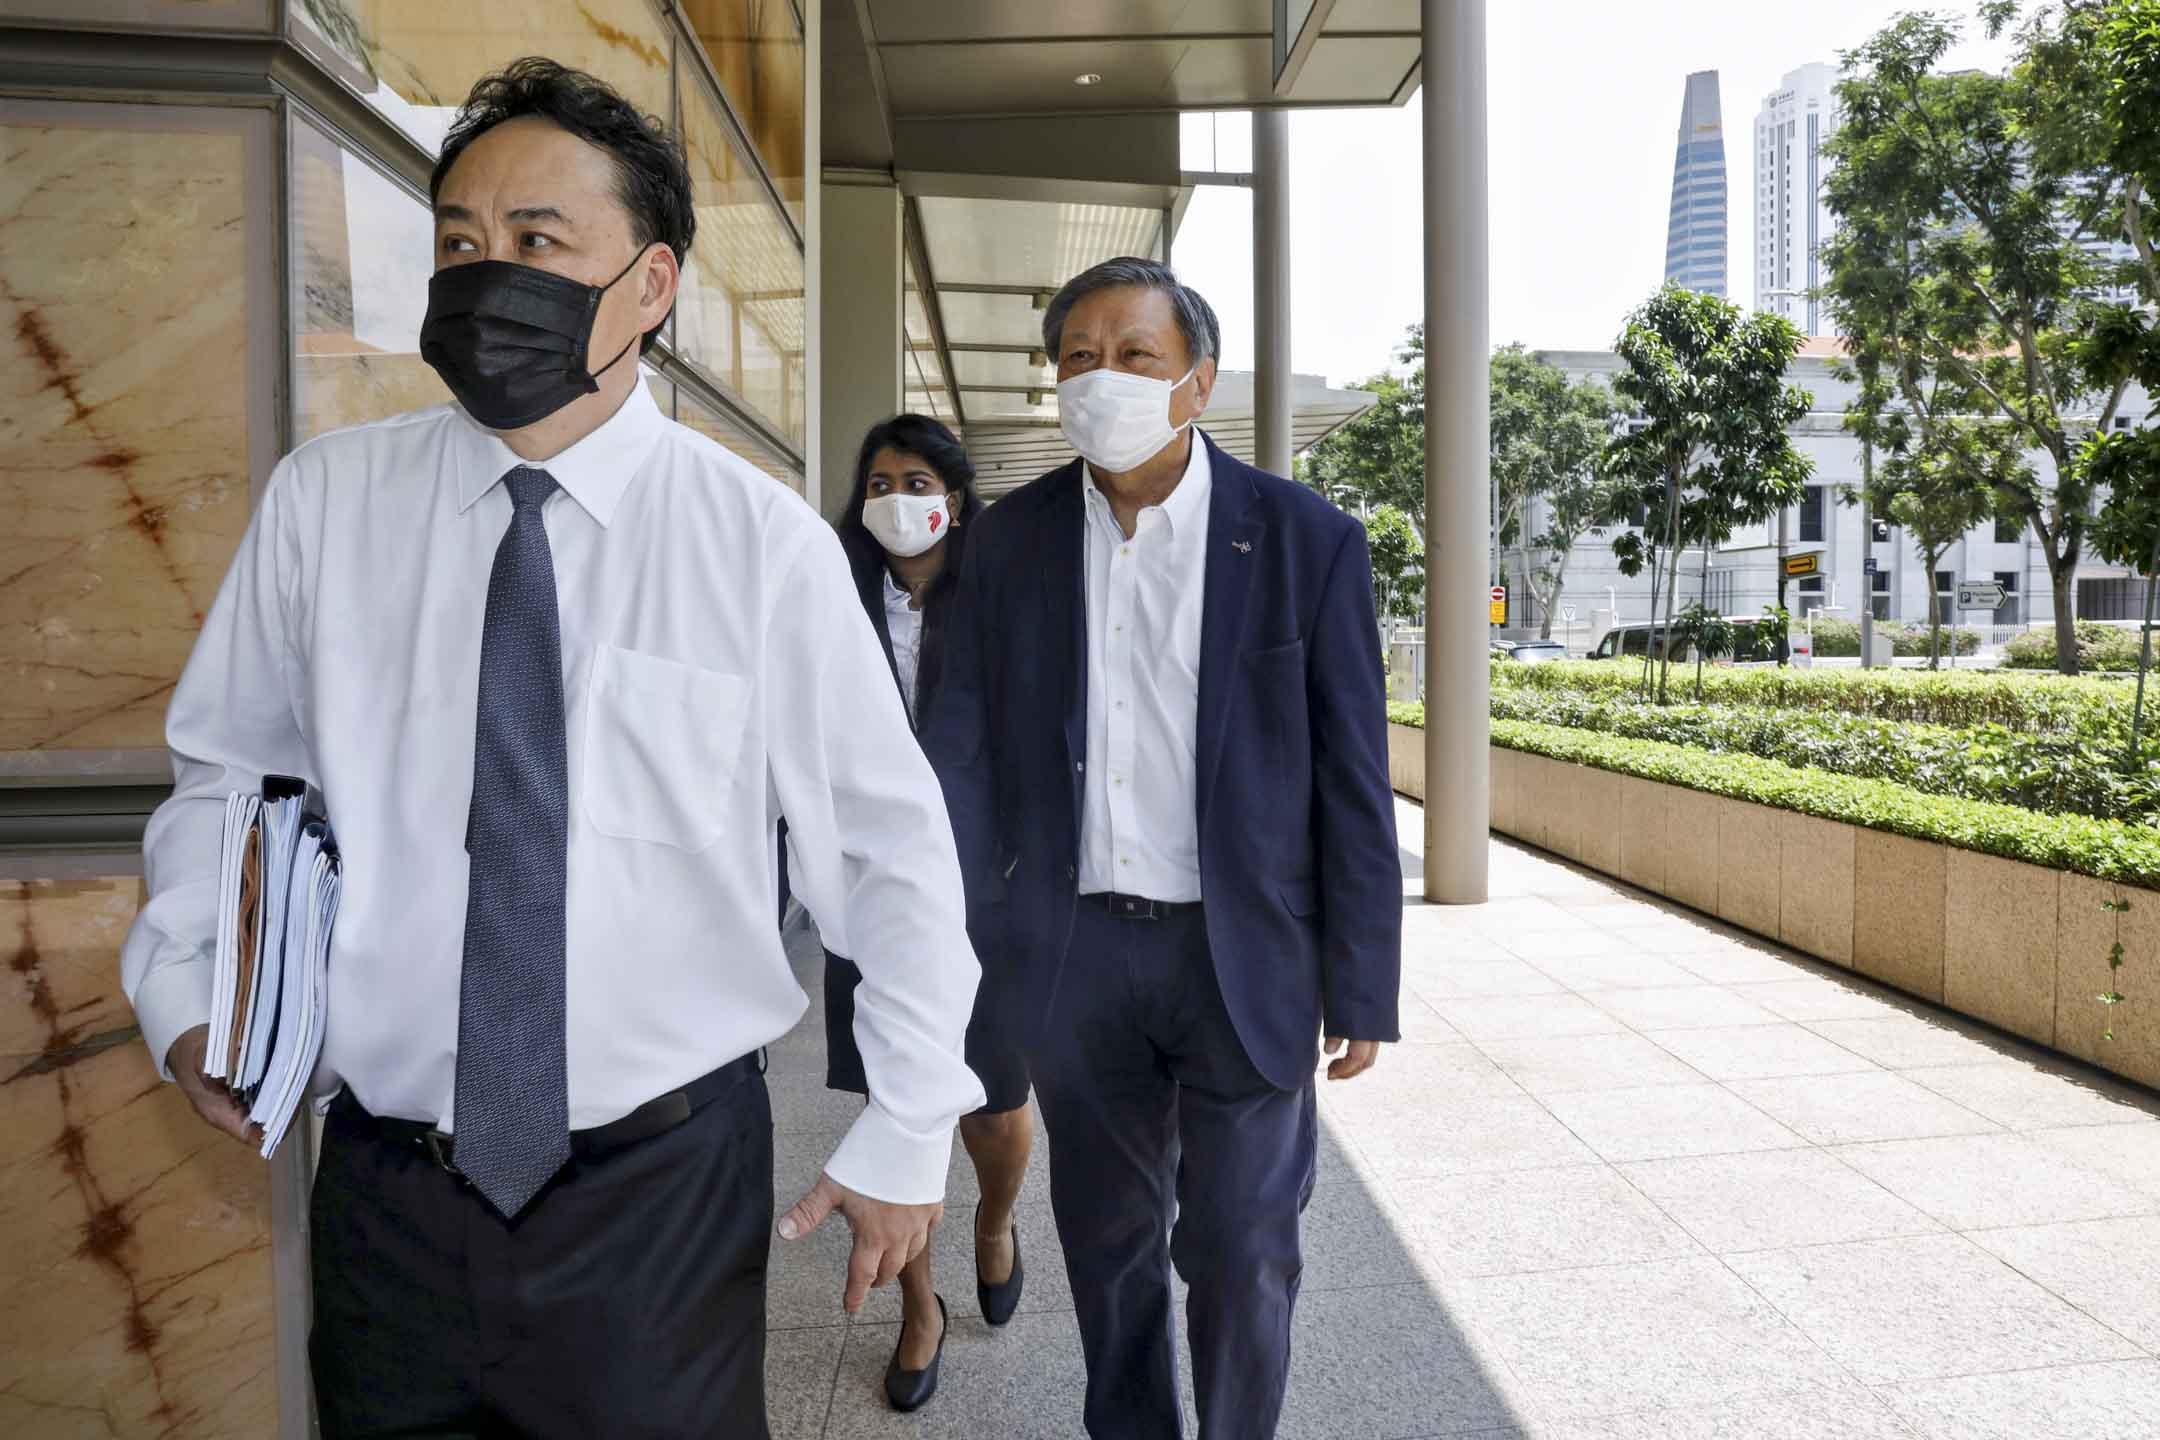 2020年10月6日,梁實軒(Leong Sze Hian)到達高等法院為誹謗案進行聽證。